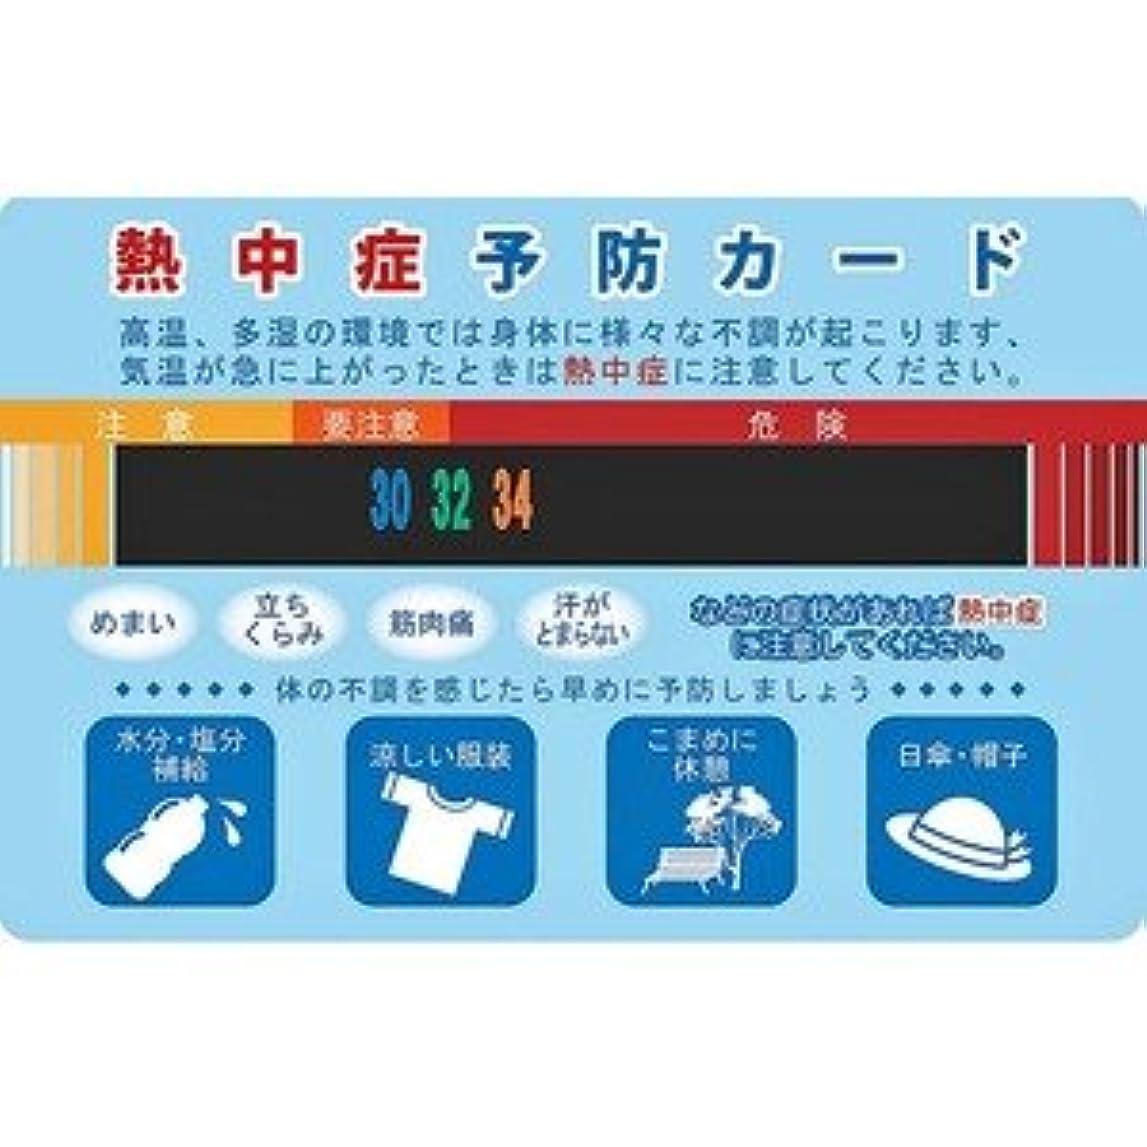 ボート興奮モンスター熱中症予防カード?NE1 【100枚セット】 熱中症対策